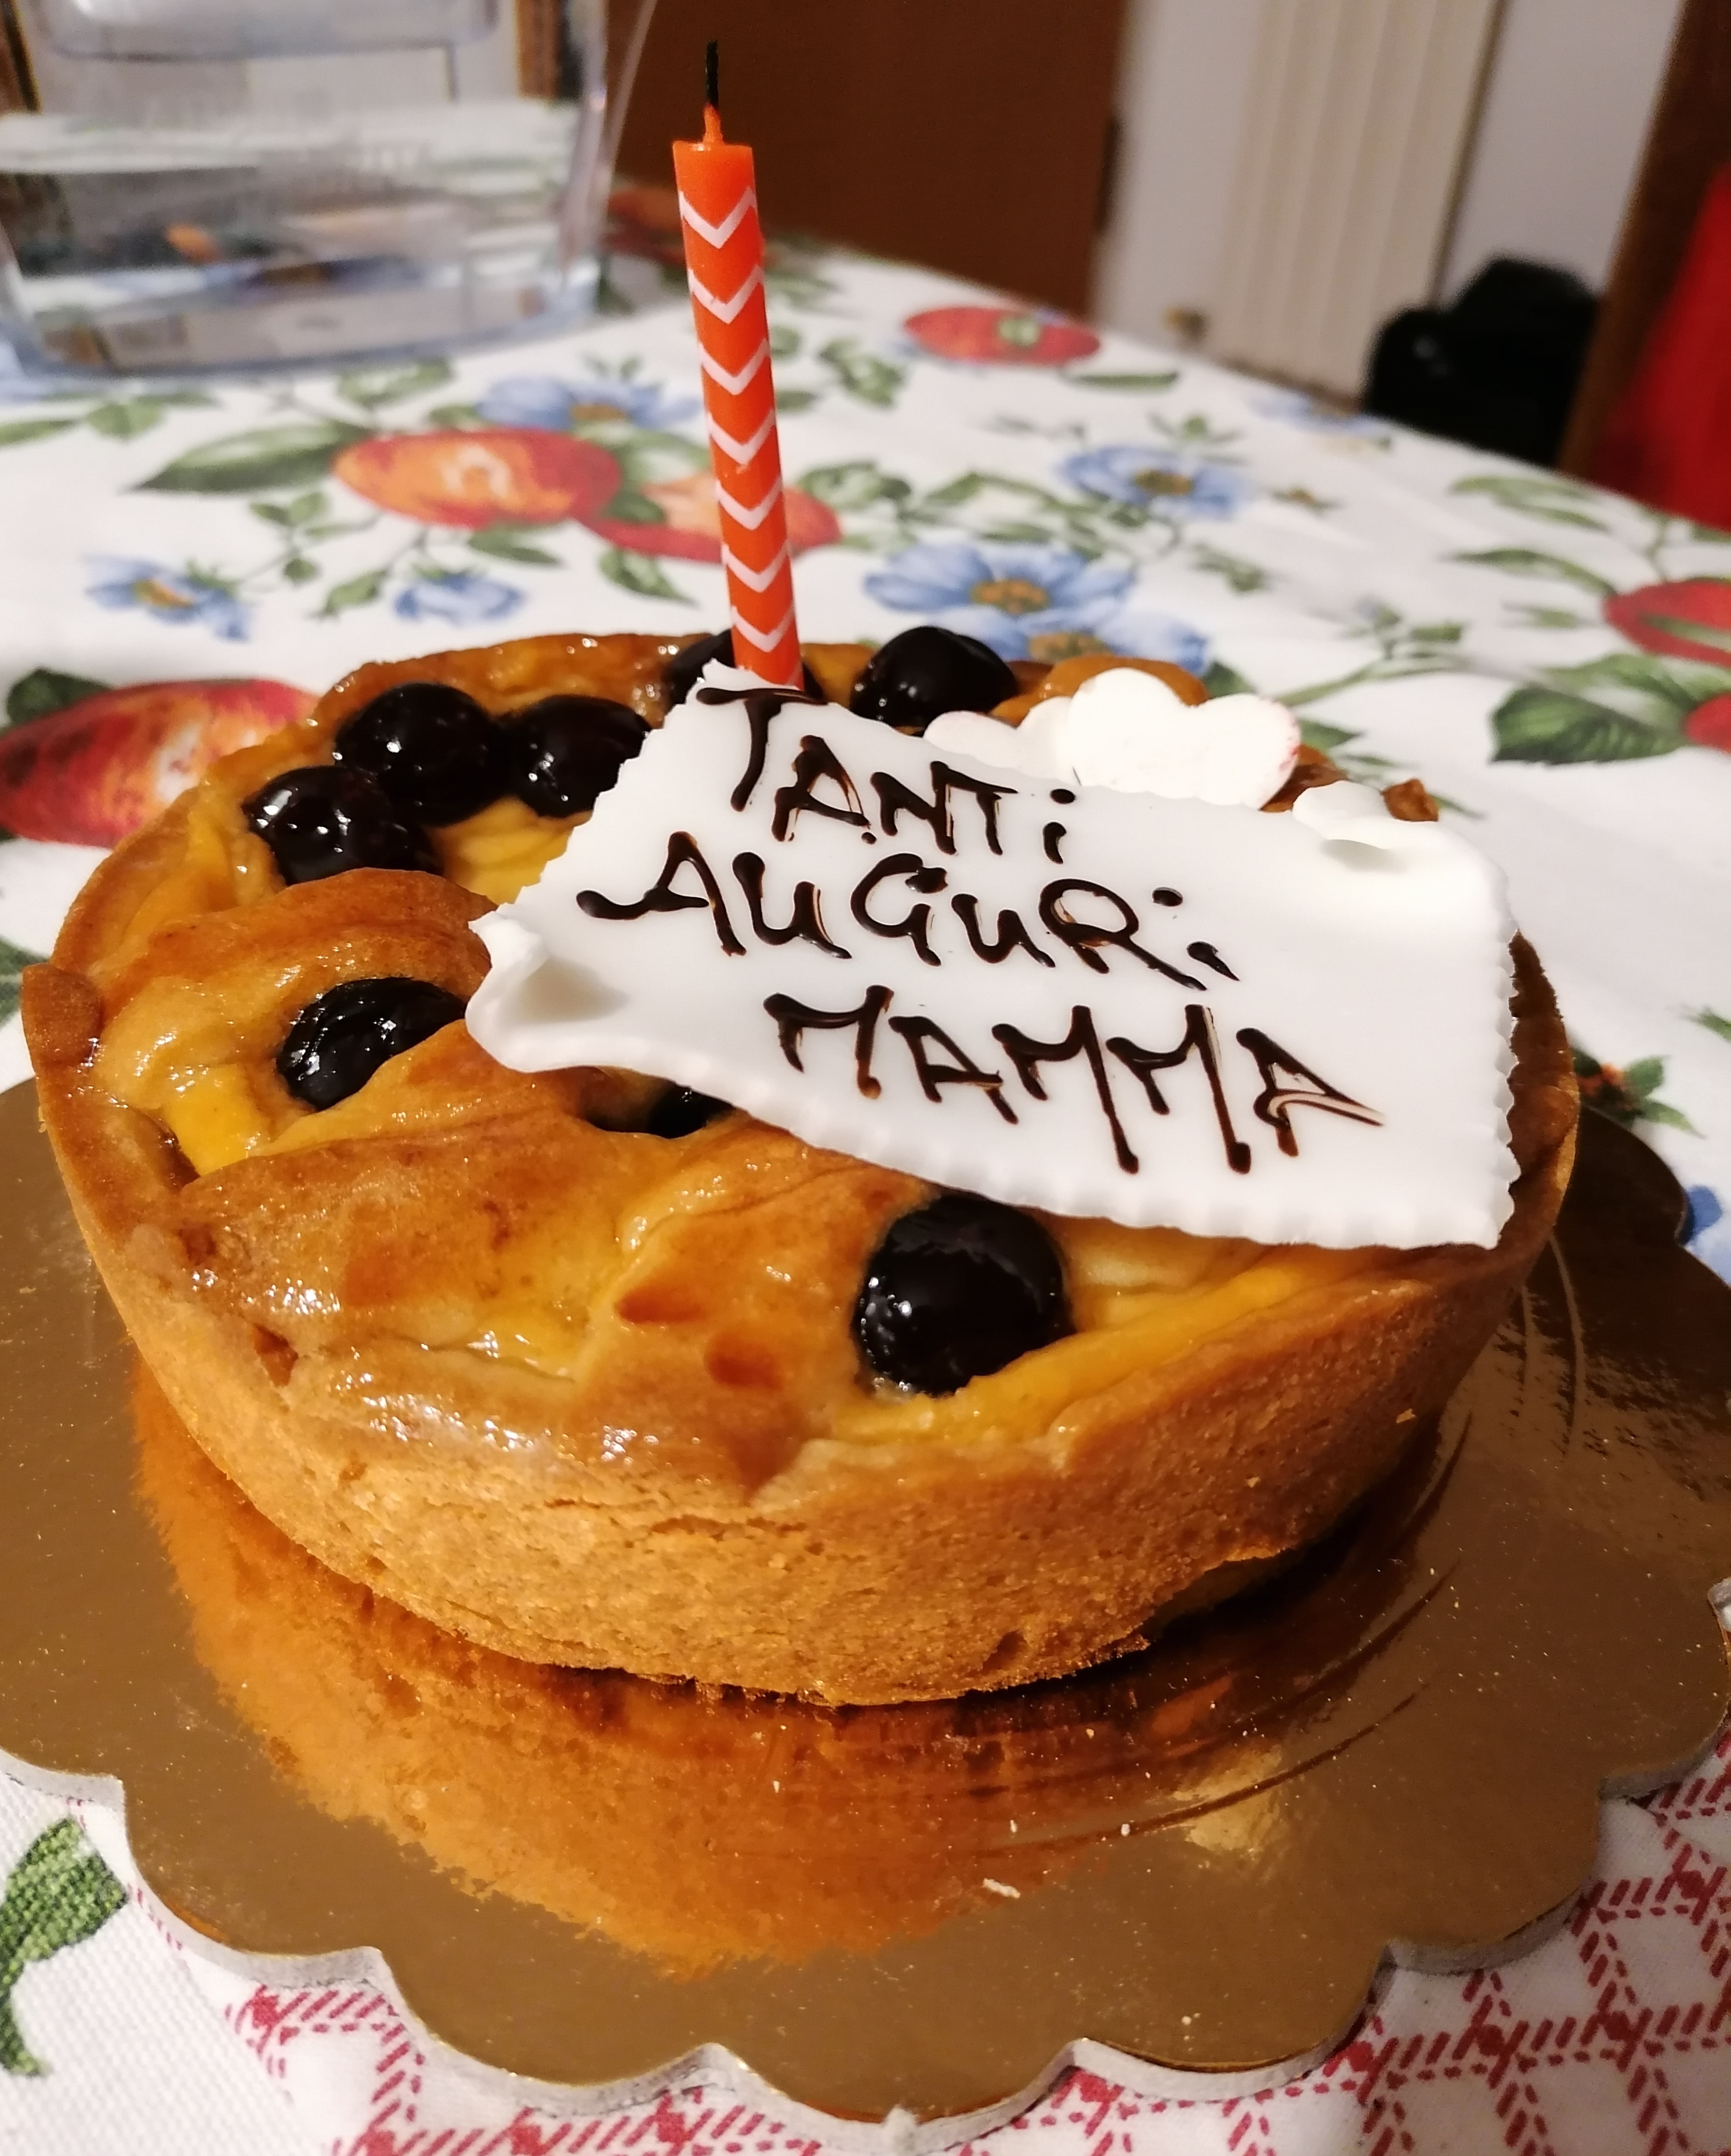 Torta di amarene caramellate, una crema leggera di vaniglia e confettura di amarene, leggera pasta frolla - Torteria Bellini